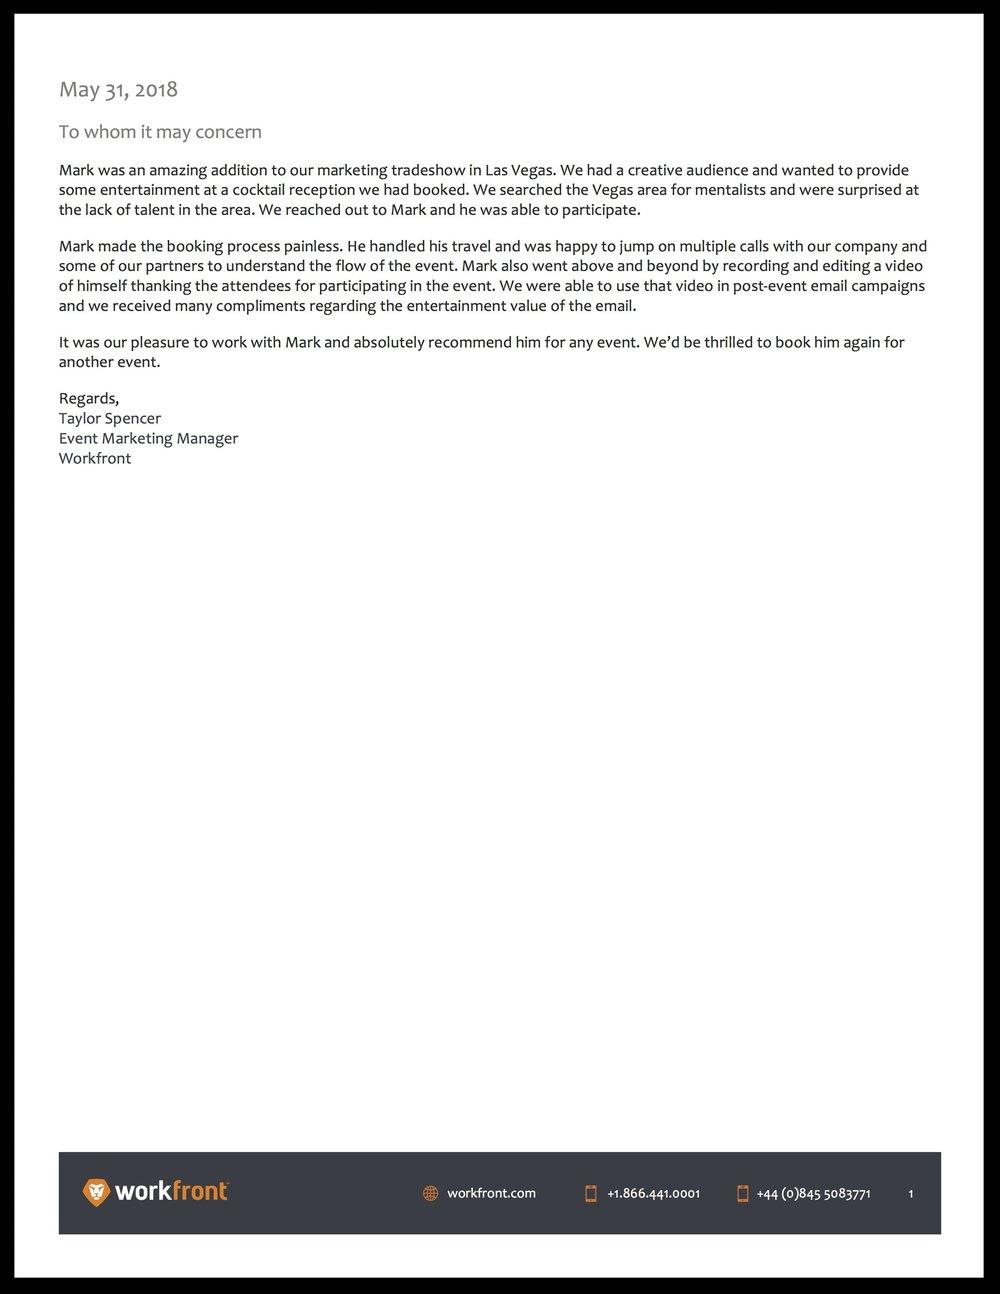 Workfront-Testimonial-Letter.jpg